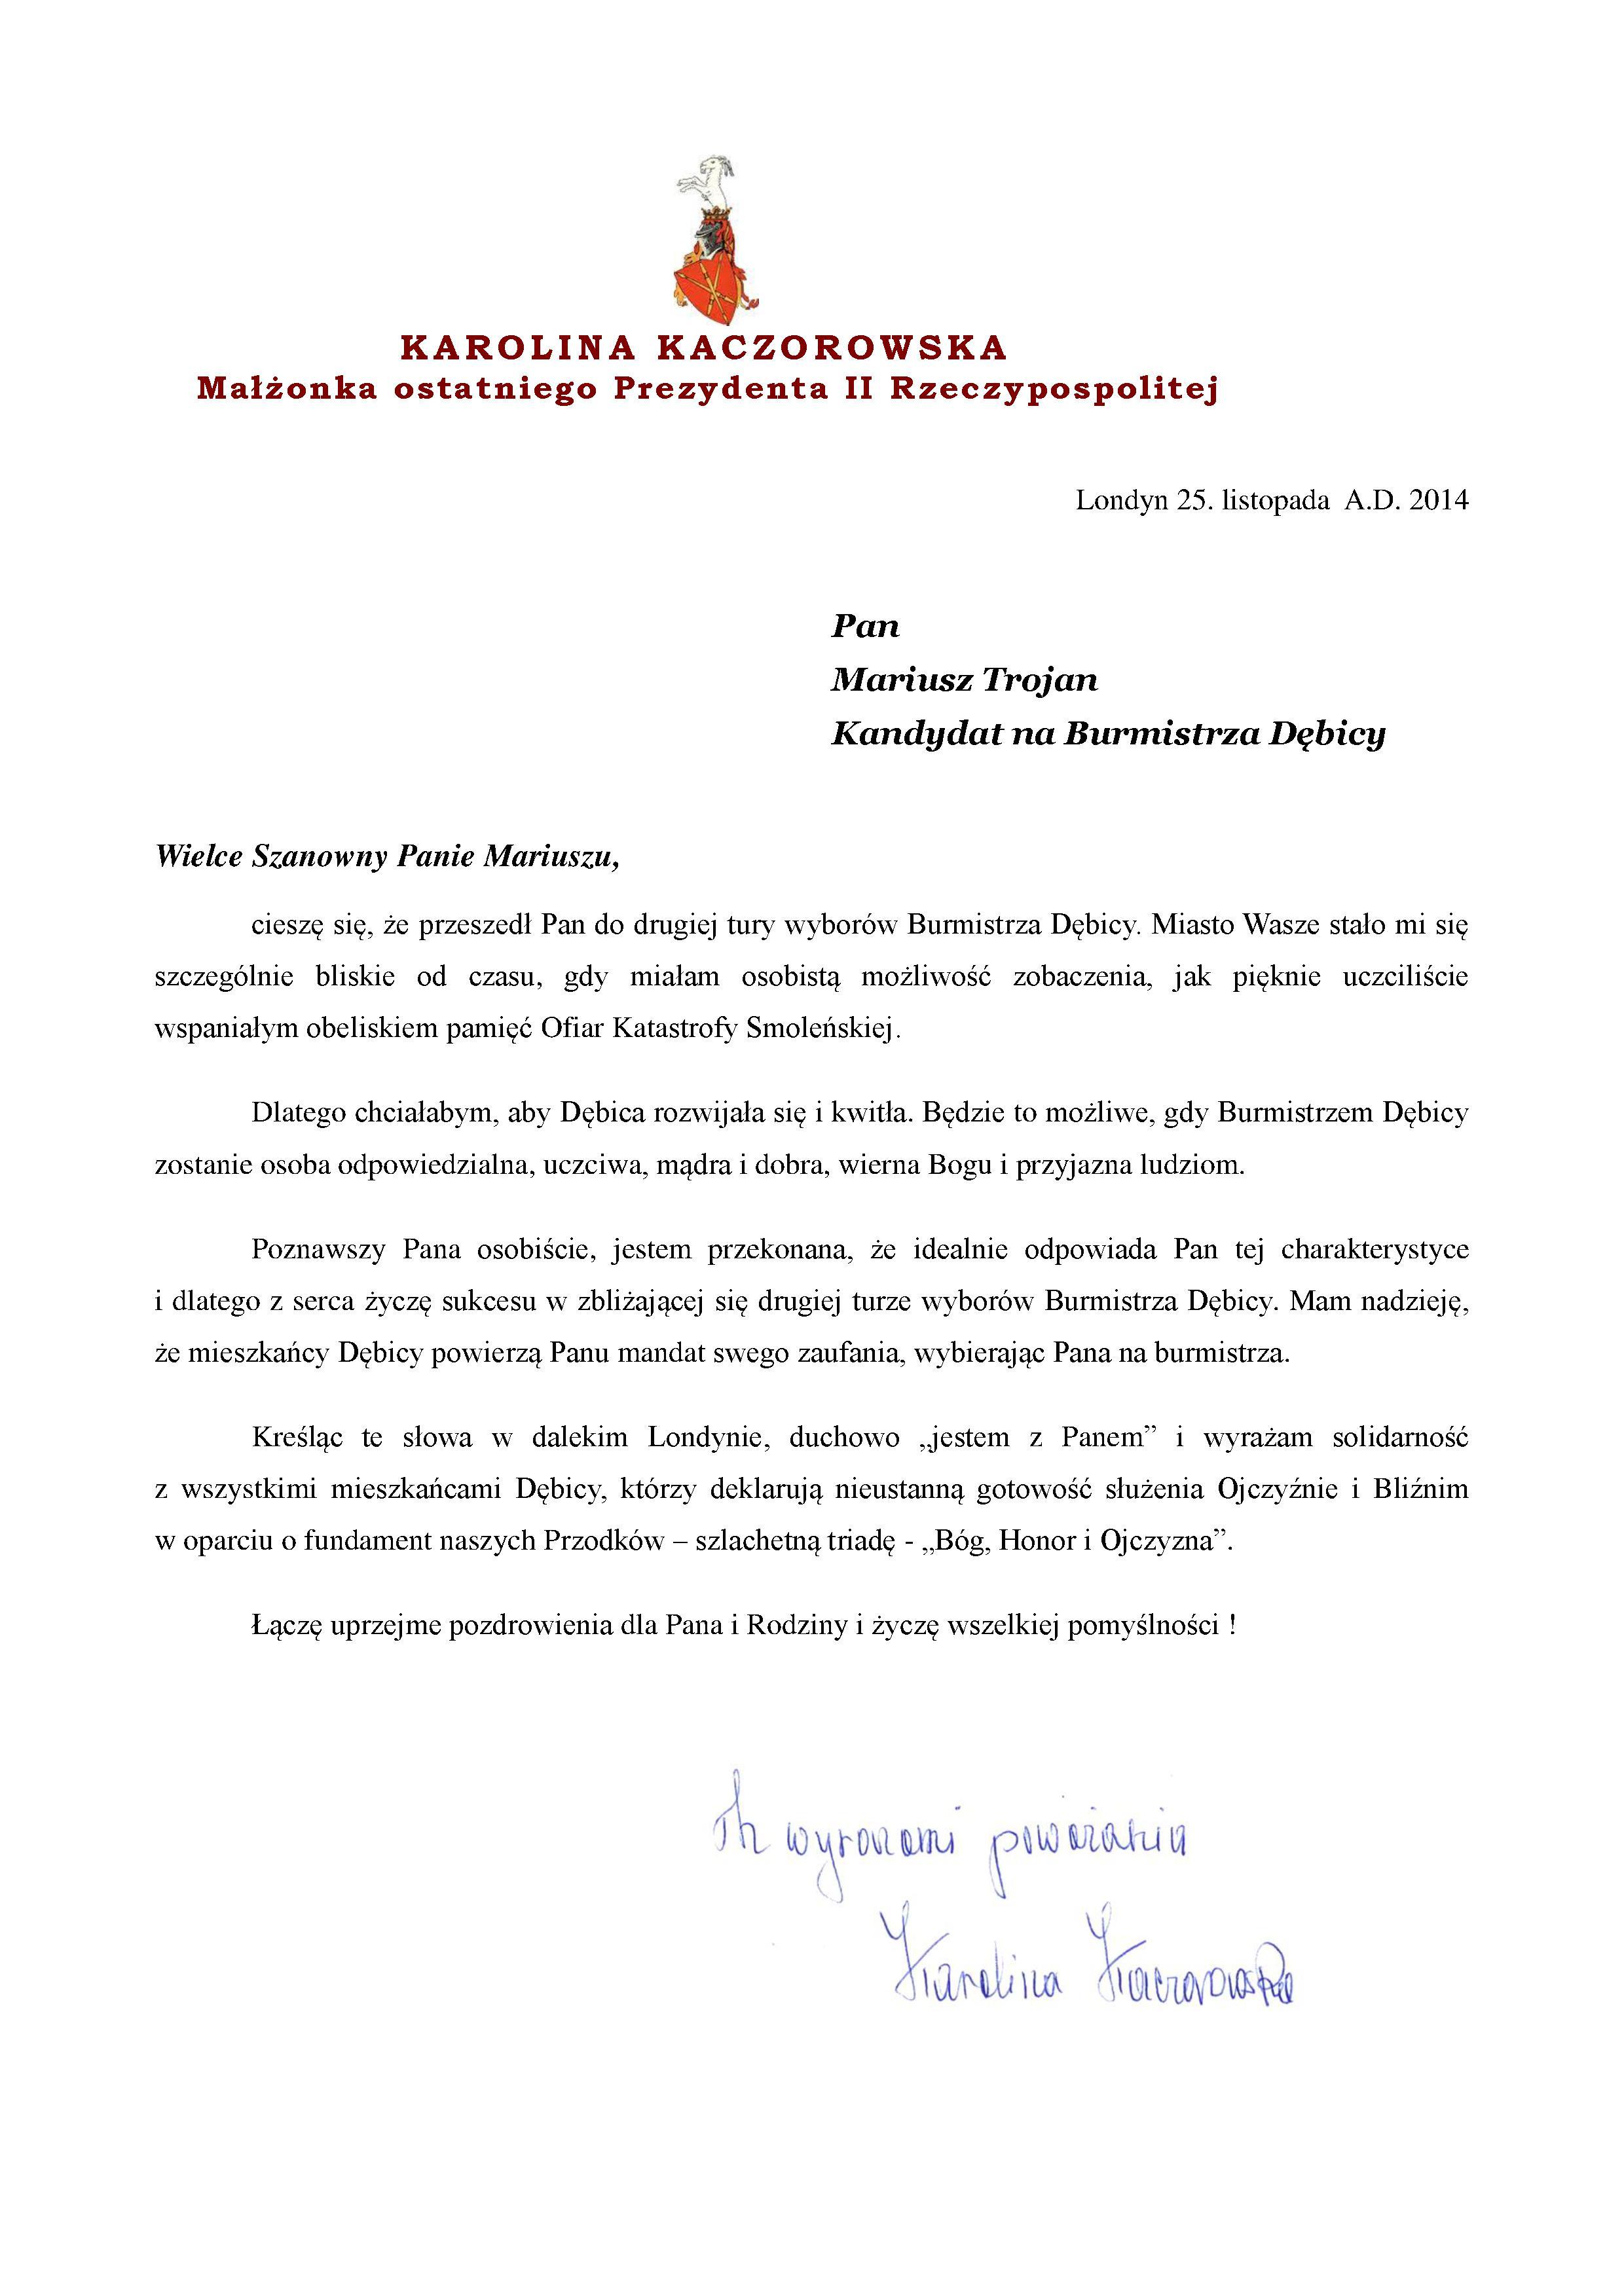 prezydentowa kaczorowska-list do pana mariusza trojana - dbica -1--page1